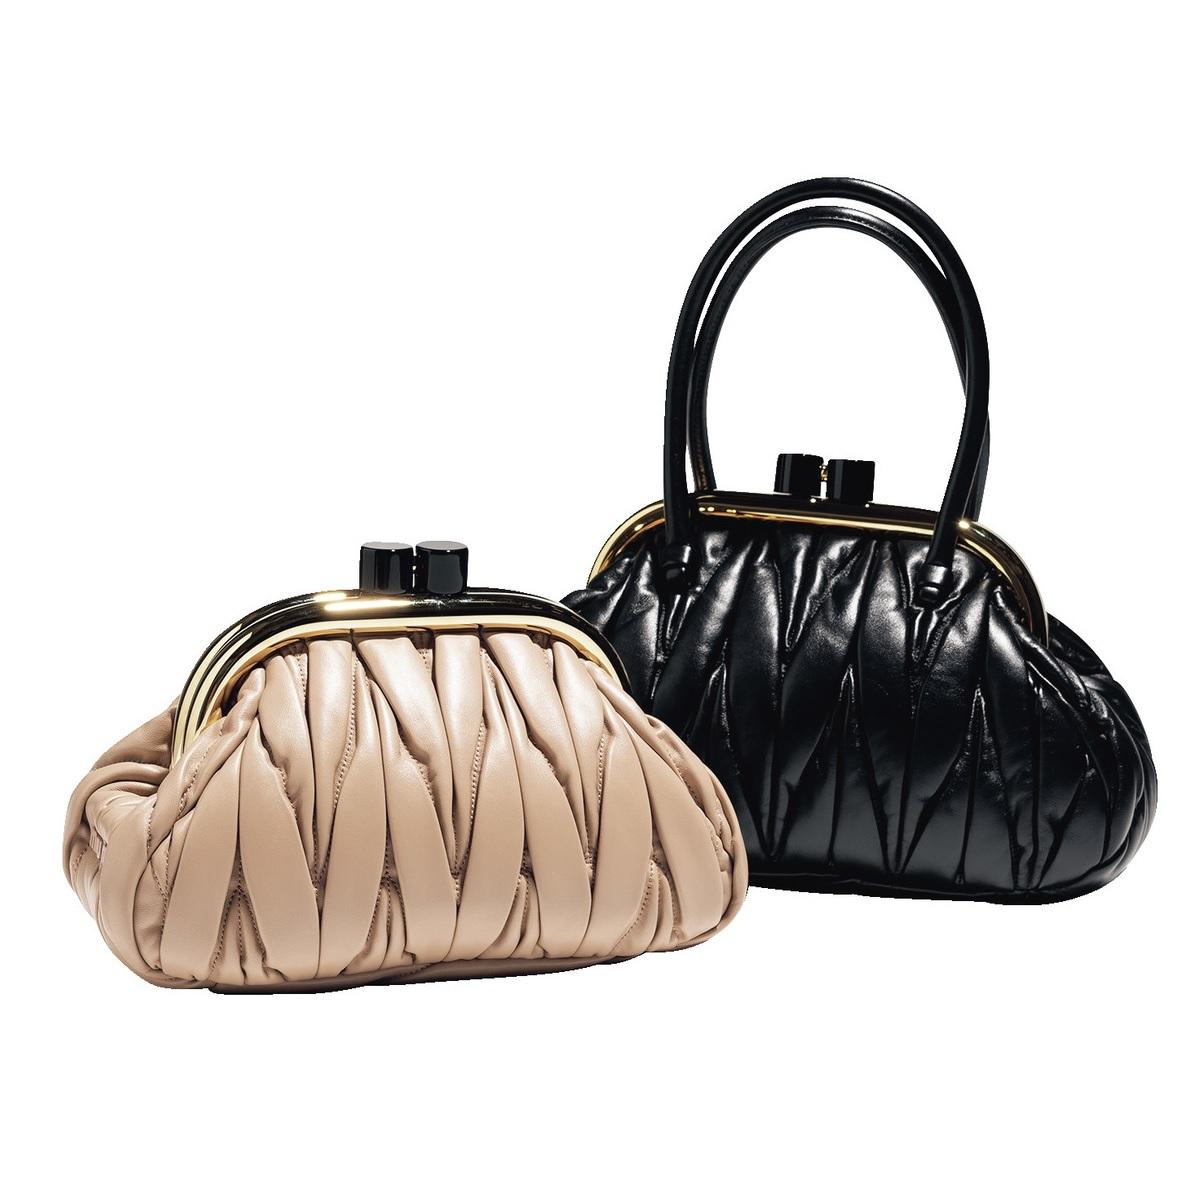 ファッション MIU MIU のバッグ